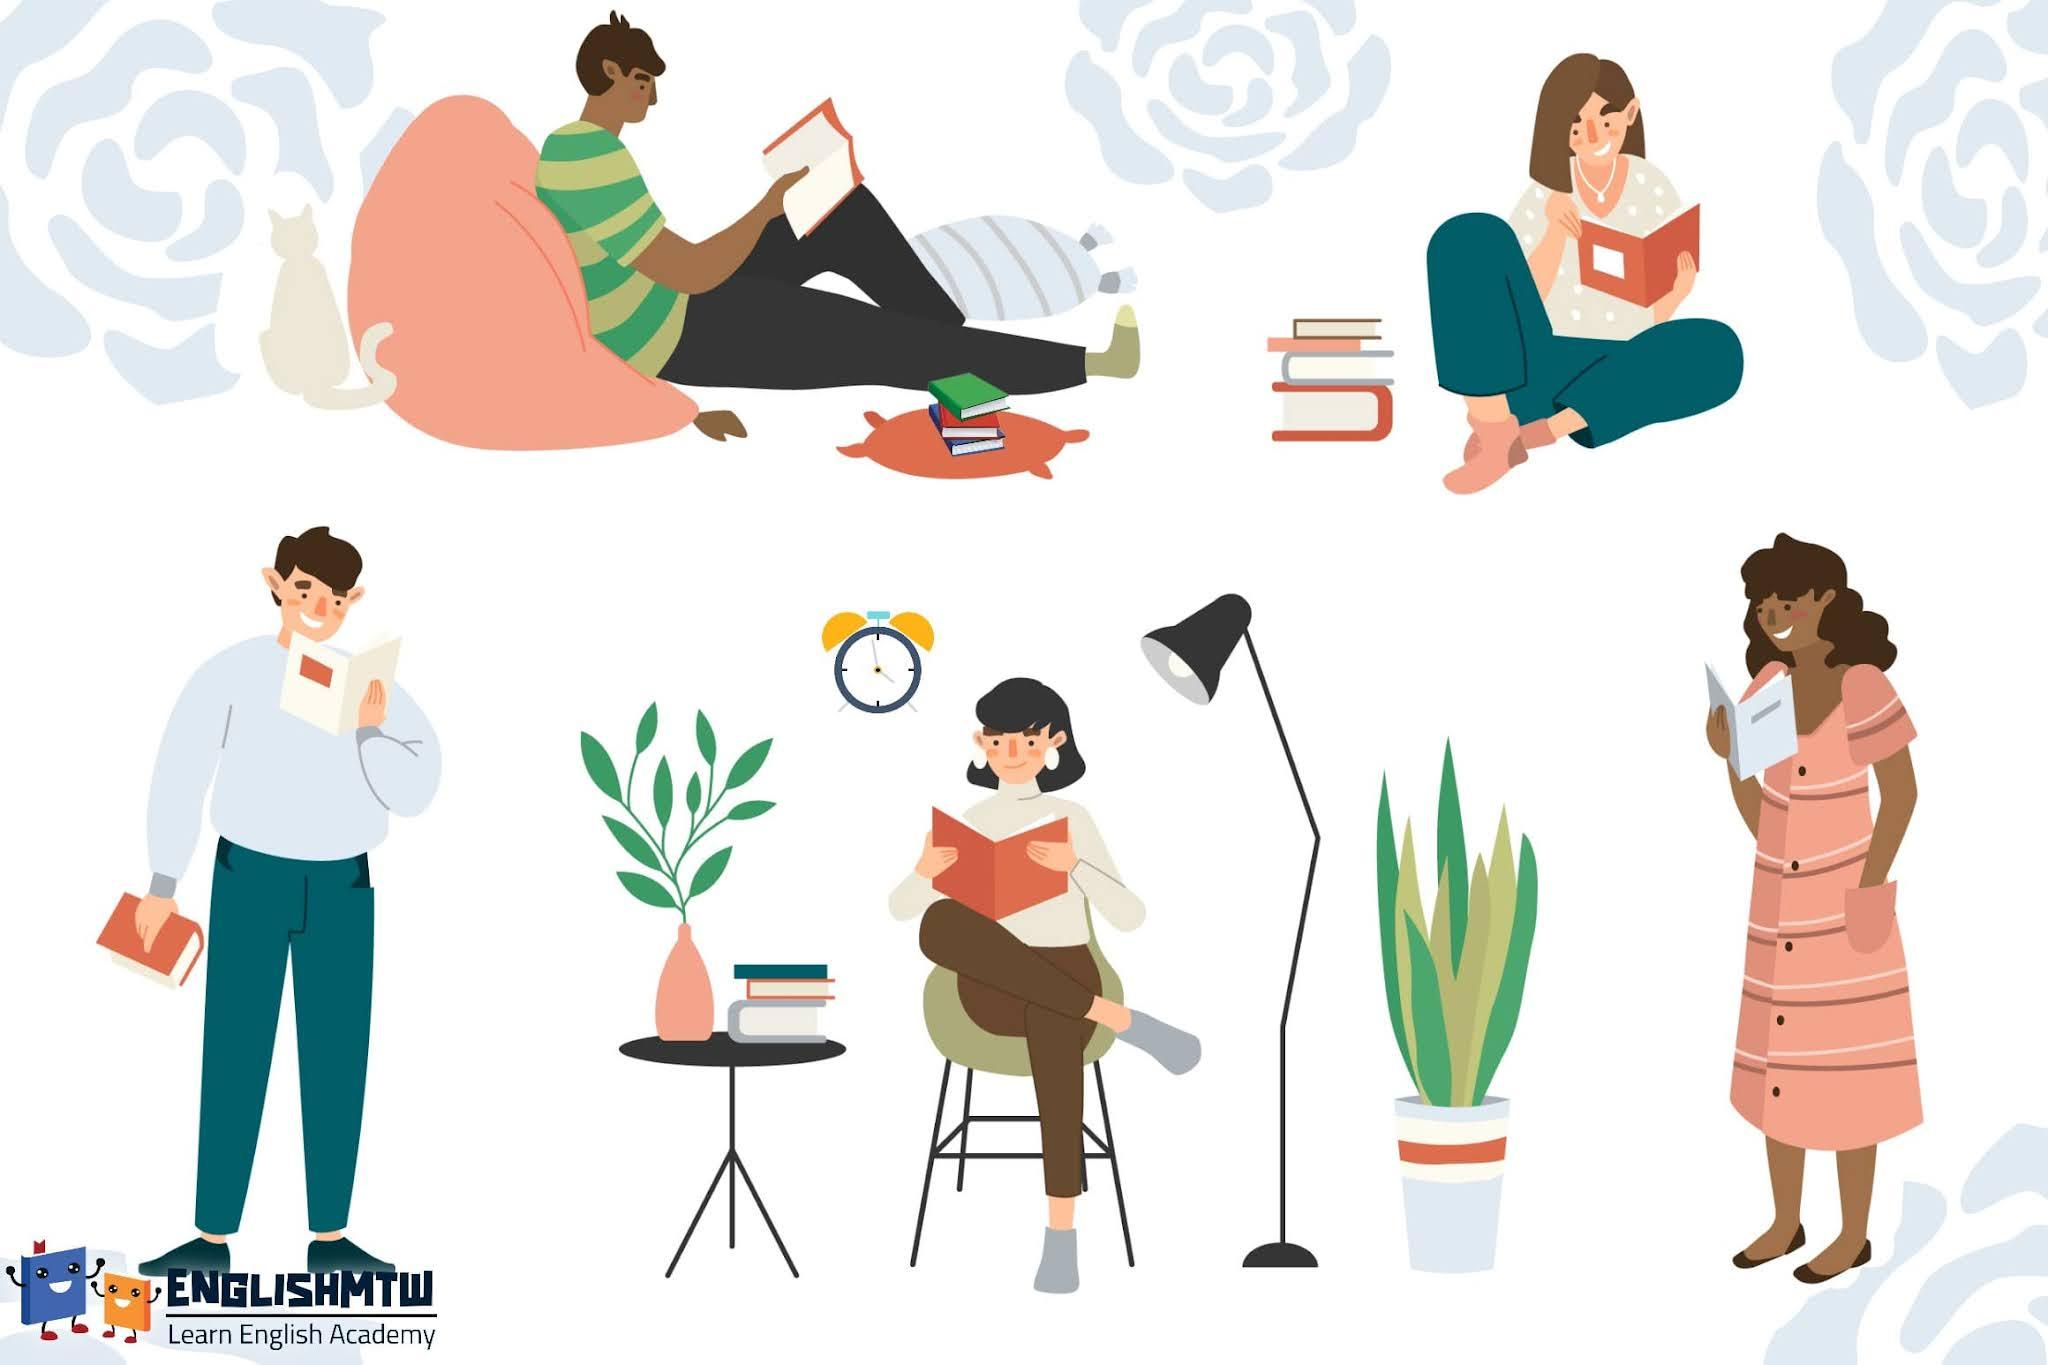 10 نصائح لتعليم قراءة اللغة الانجليزية بطلاقة